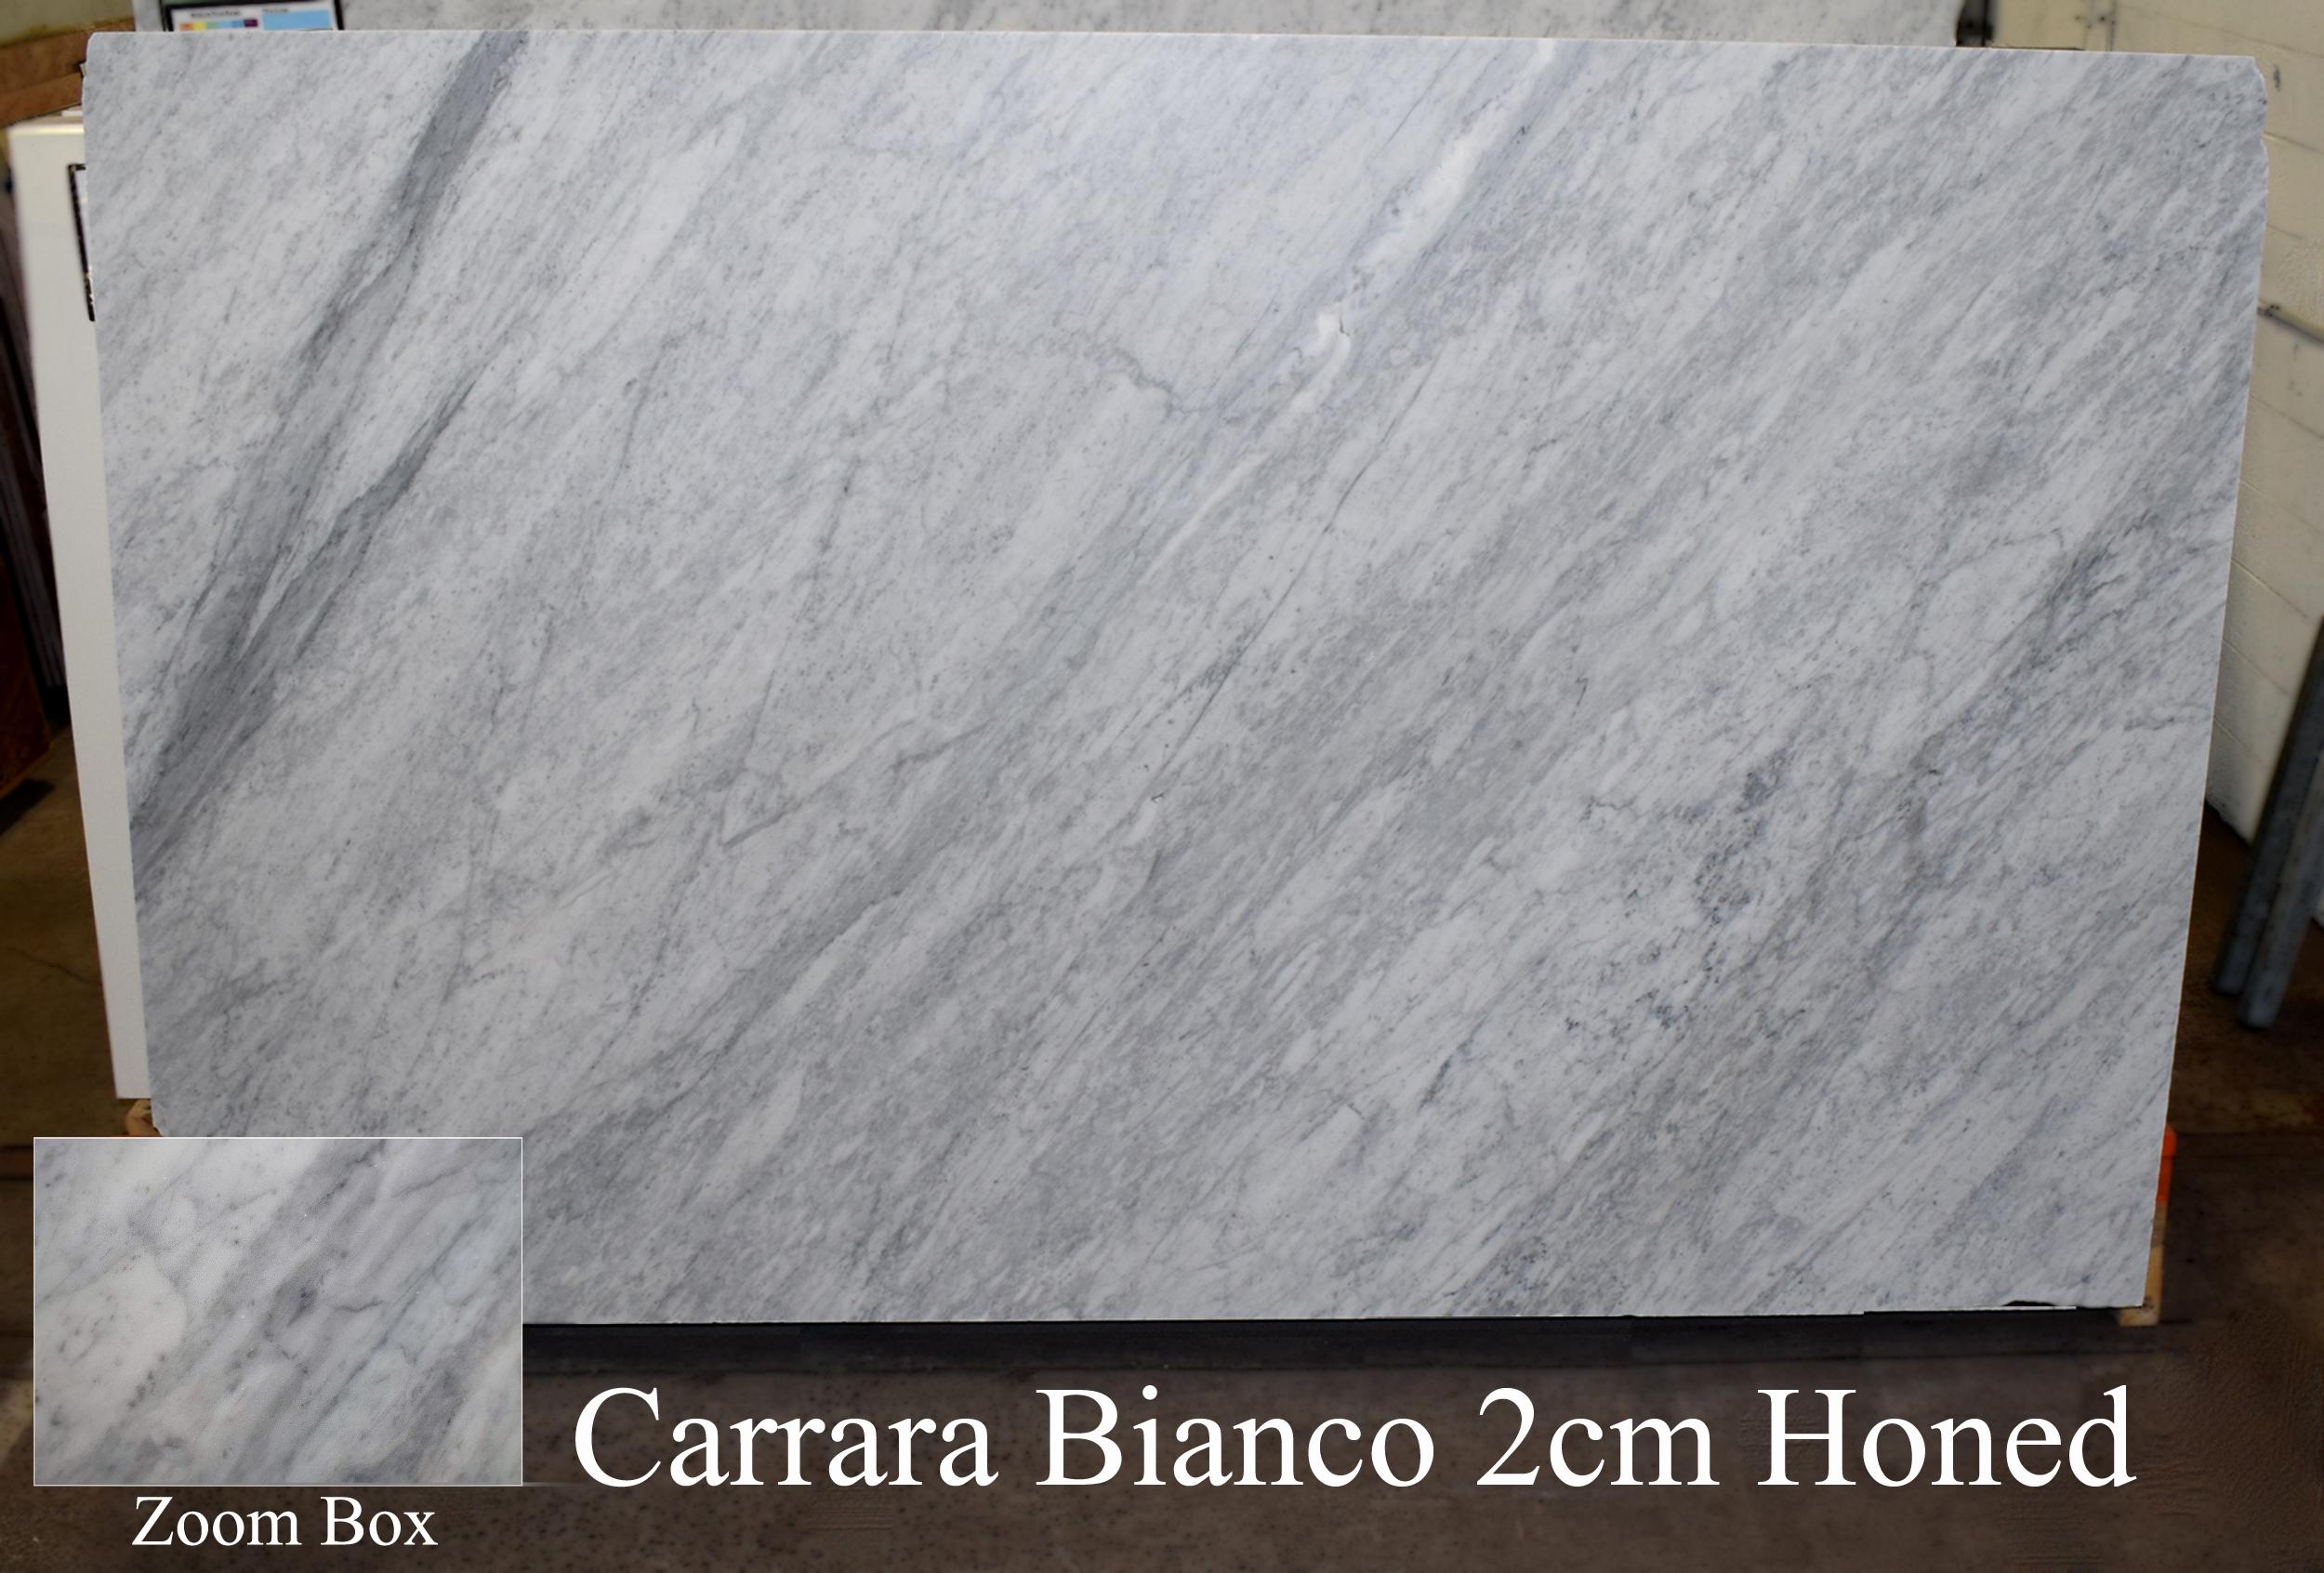 CARRARA BIANCO 2CM HONED